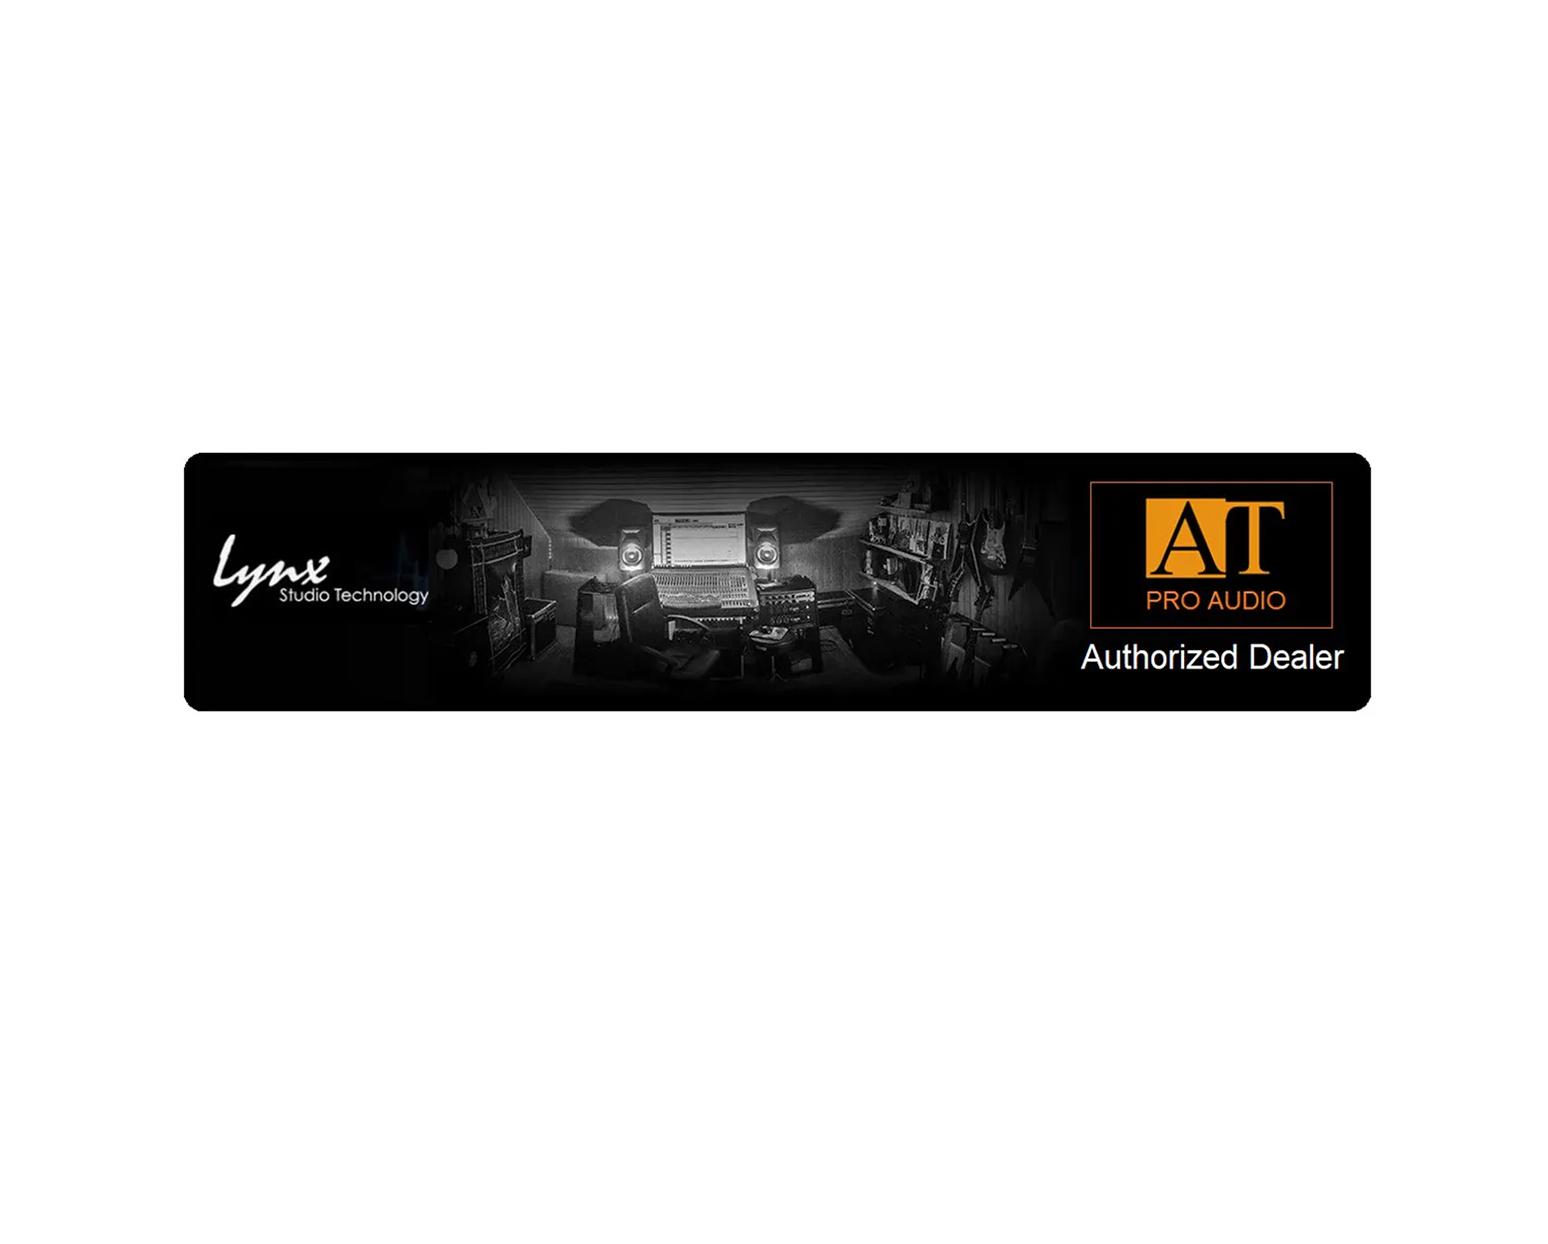 CONVERSOR AD/DA LYNX STUDIO TECHNOLOGY HILO REFERENCE DANTE BLACK